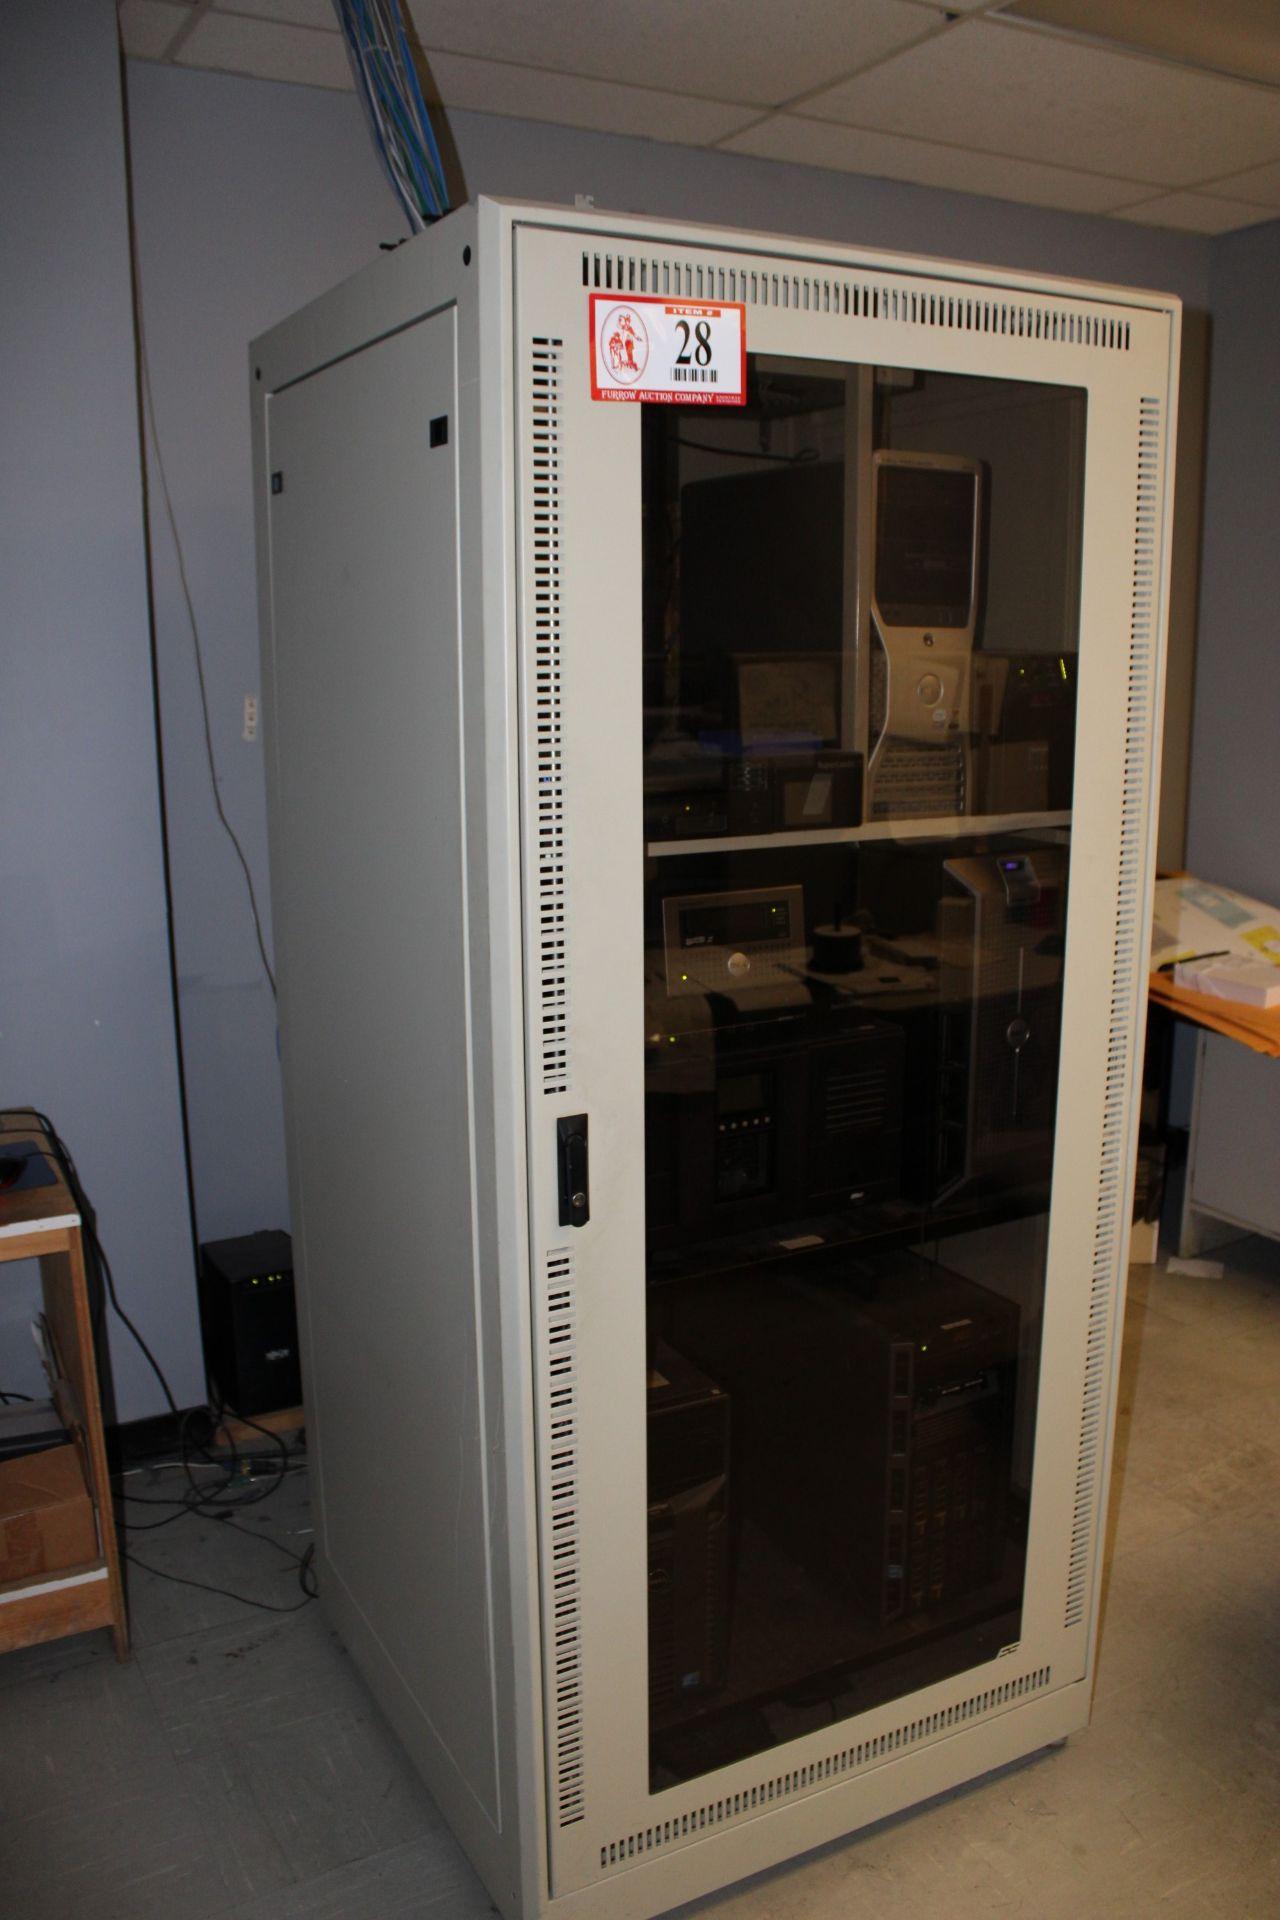 Lot 28 - Server Cabinet